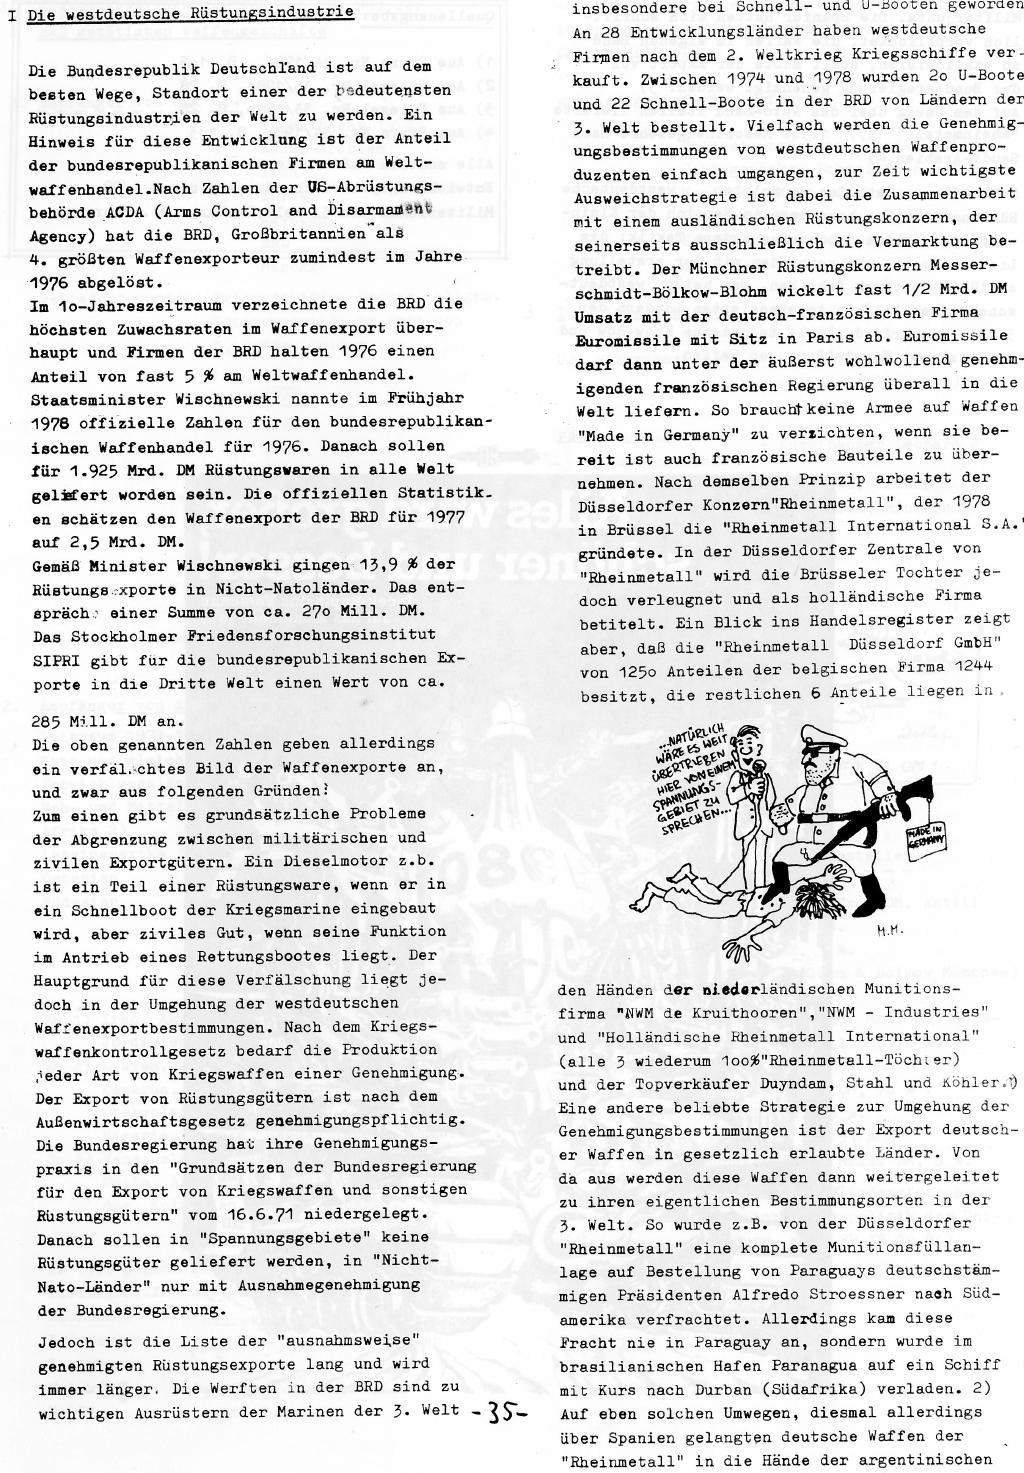 Bremen_1980_NATO_Broschuere_35